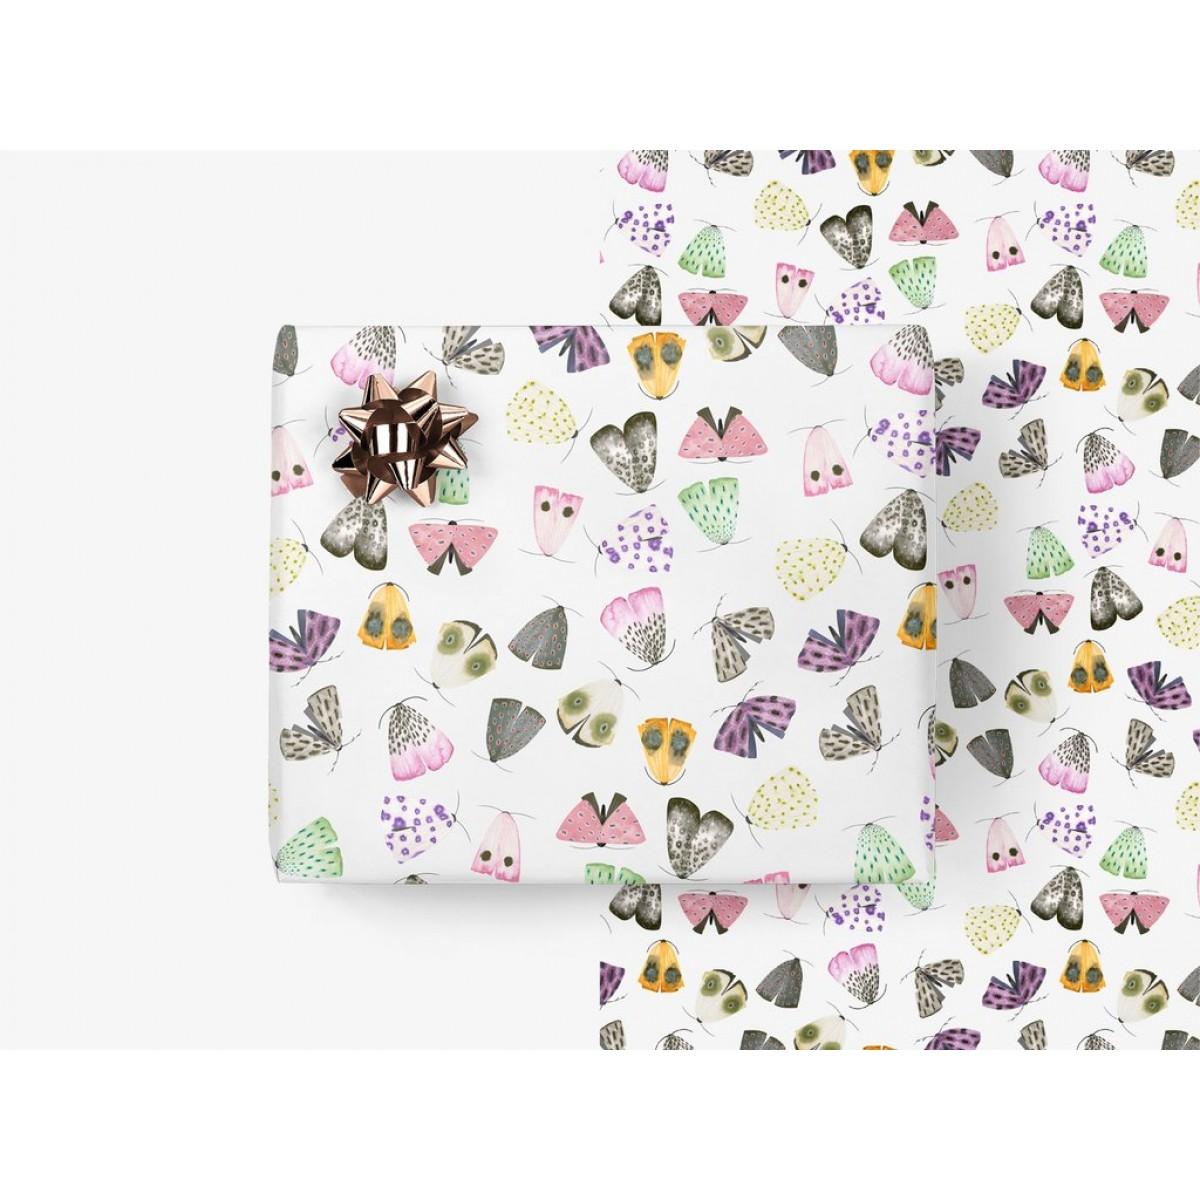 typealive / Geschenkpapier / Moths (gefaltet)